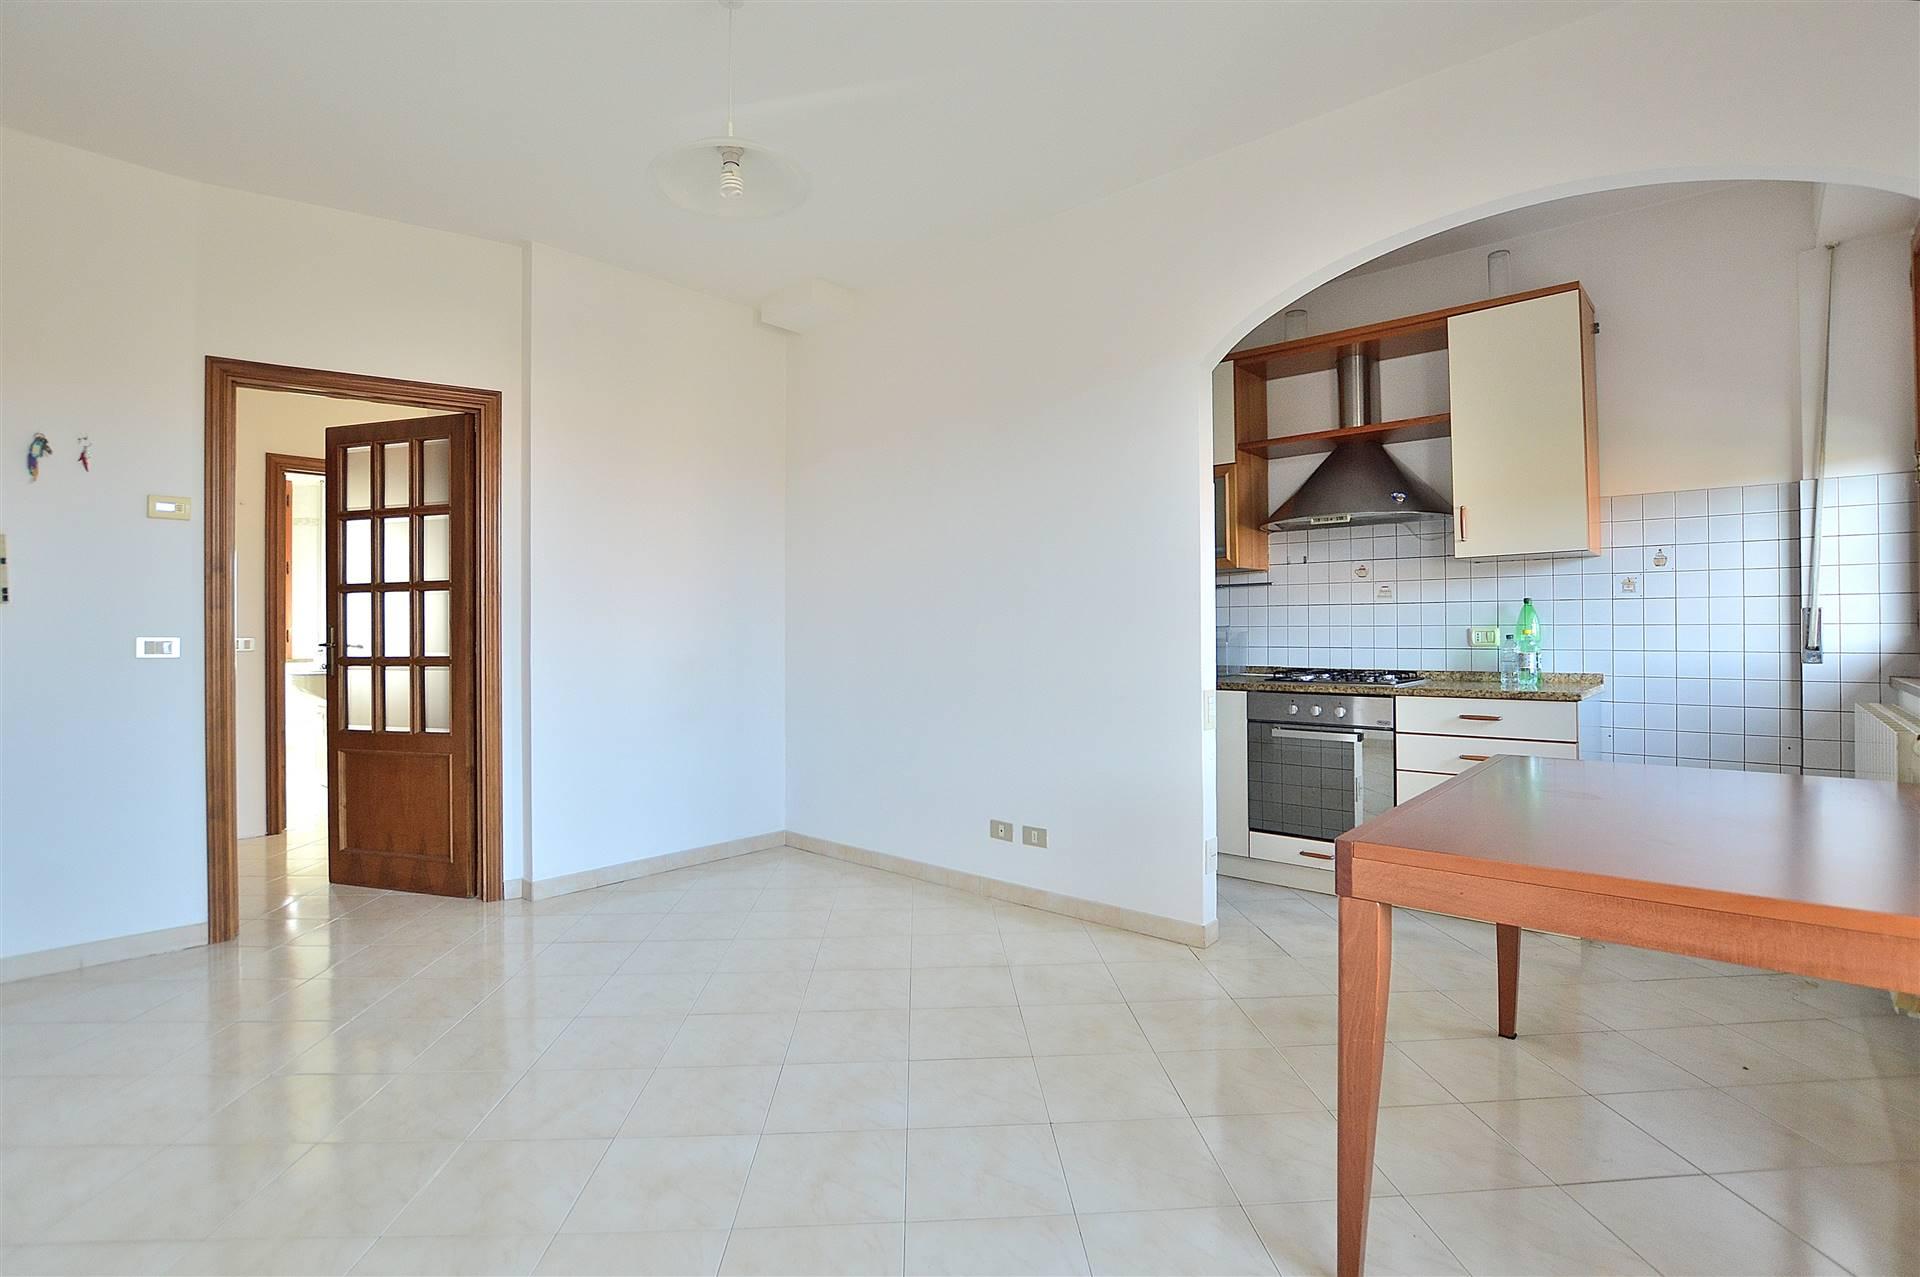 In località Le More, in piacevole contesto residenziale, proponiamo appartamento posto al primo piano di una piccola palazzina in mattoni faccia